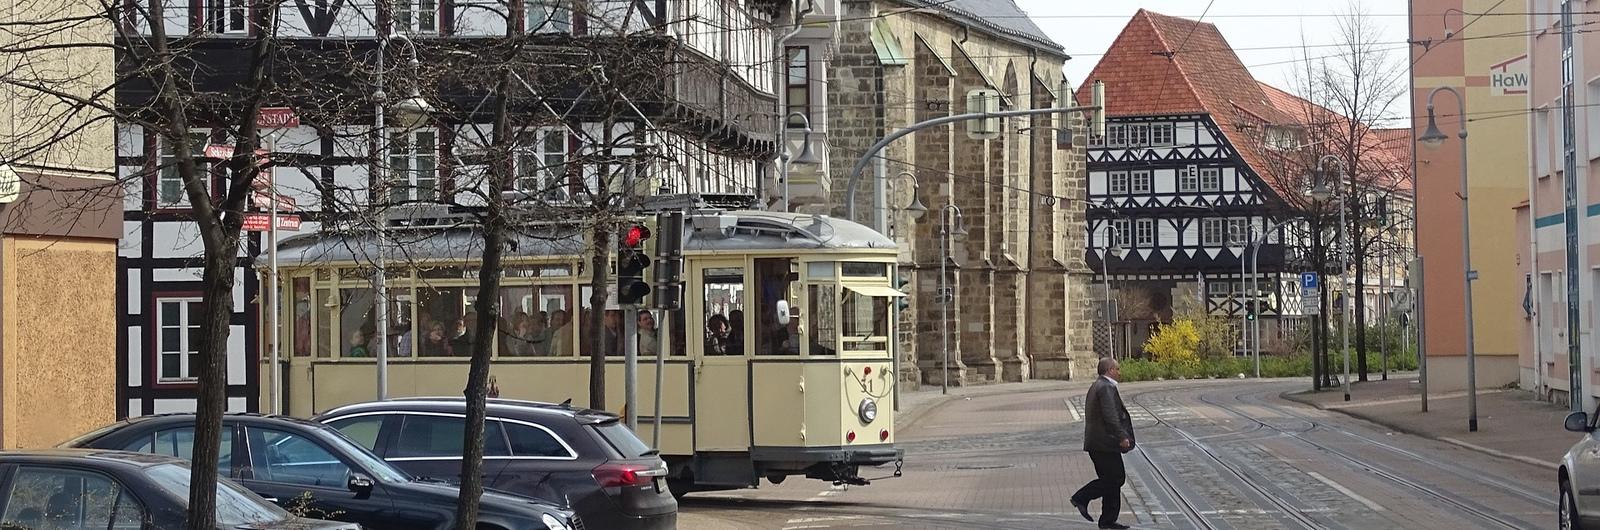 halberstadt city header